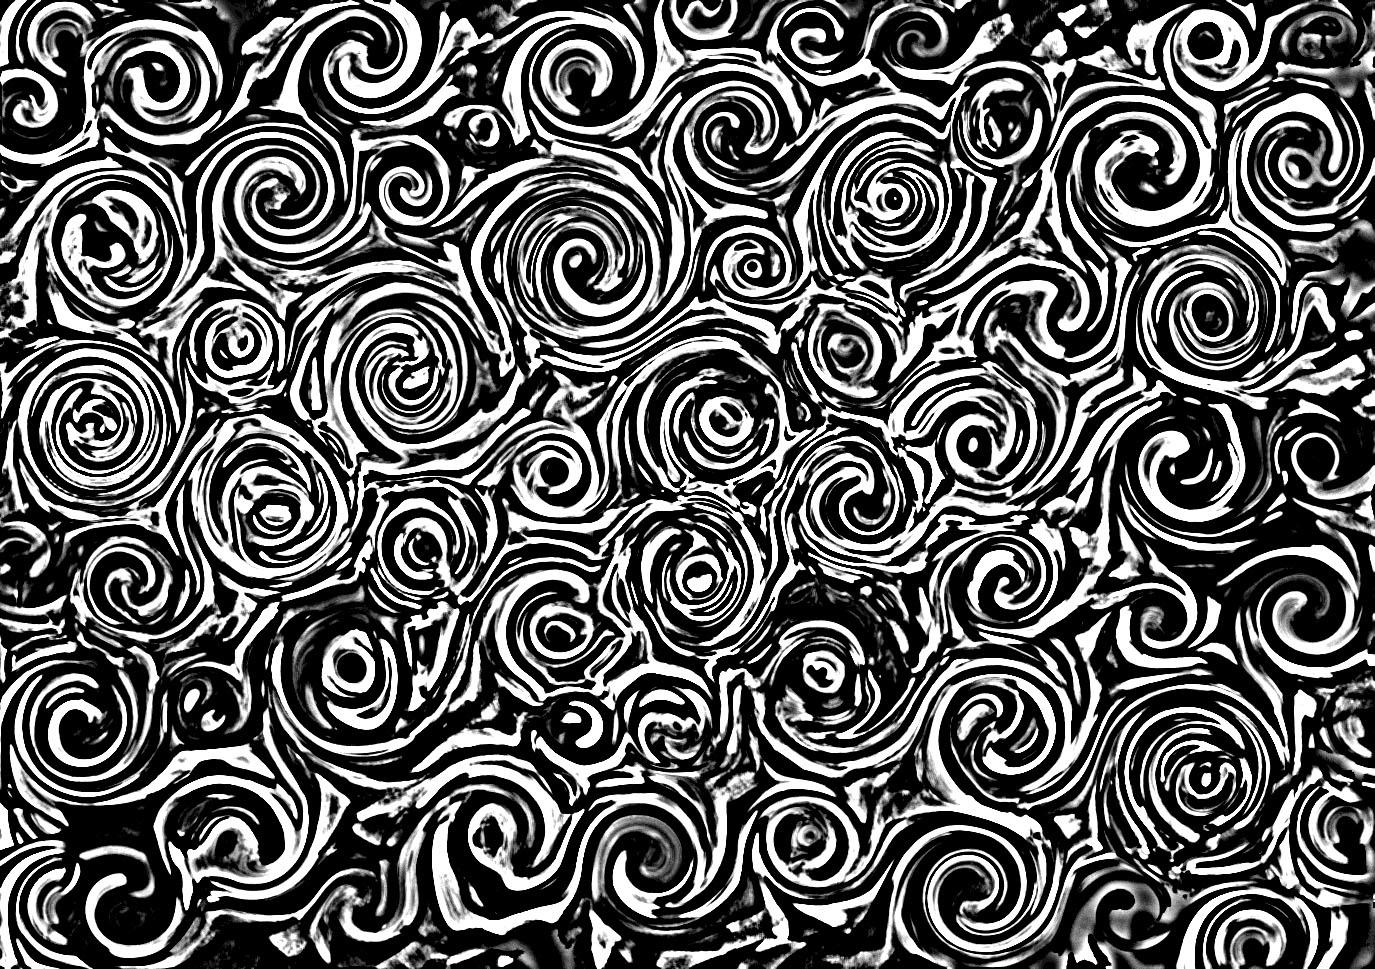 Swirl background pattern - photo#7